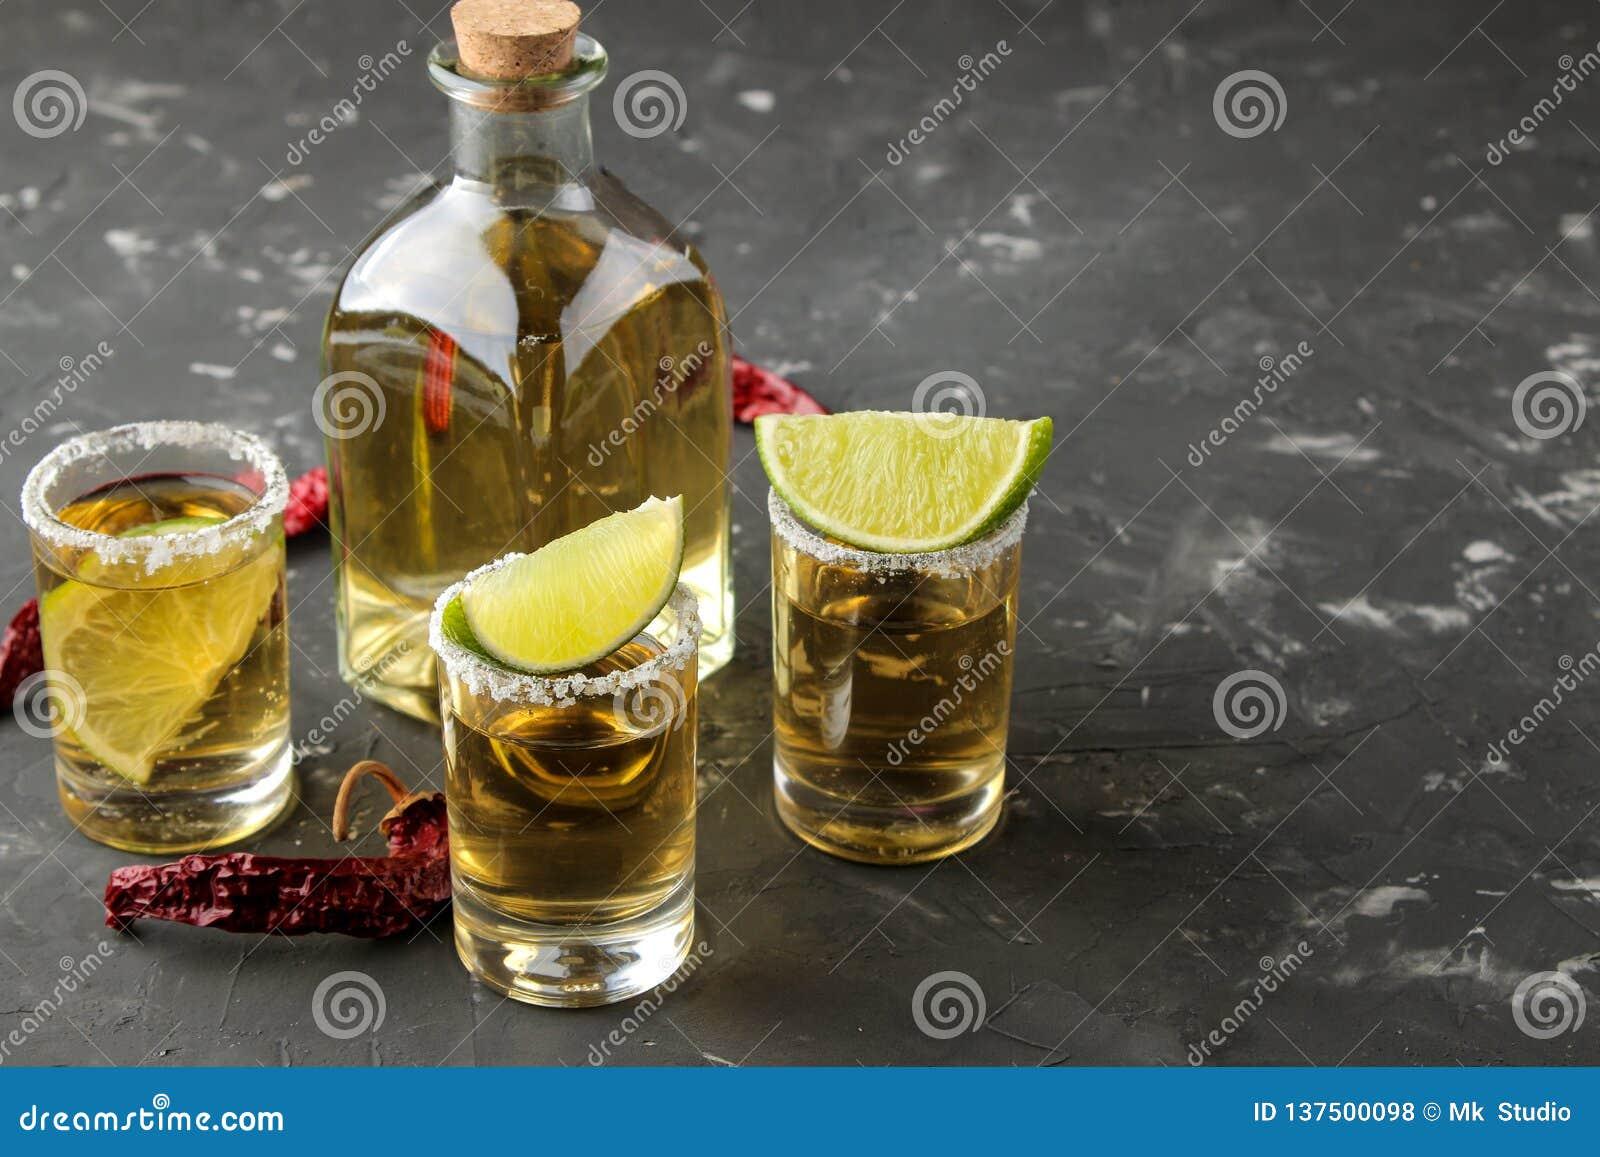 Złocisty tequila w szklanym strzału szkle z solą, wapnem i gorącym pieprzem na czarnym betonowym tle, bar napoje alkoholowe